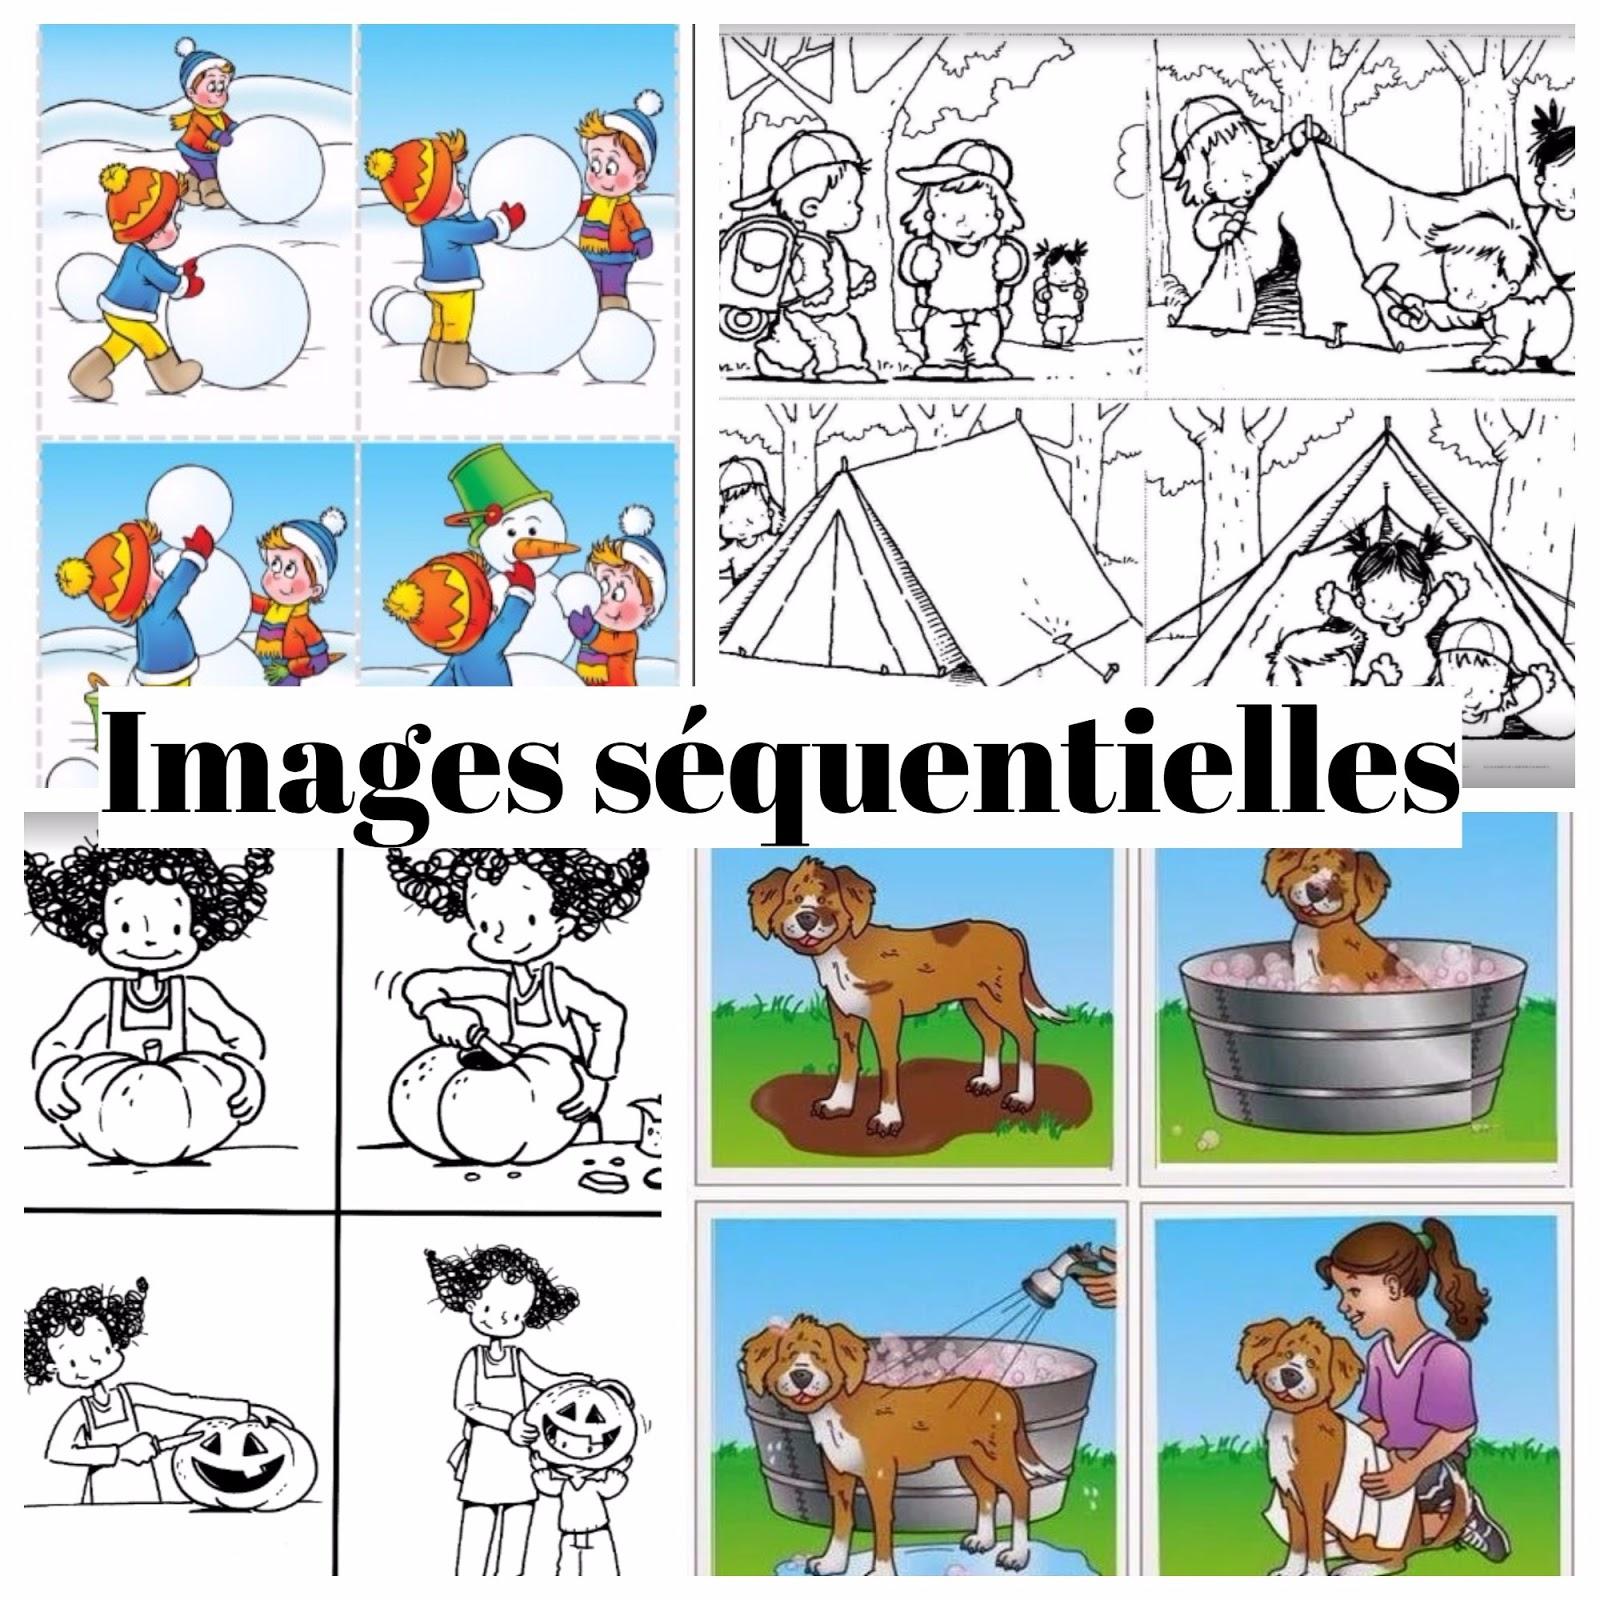 Télécharger Images Séquentielles Pdf | Ortho Edition,noël concernant Images Séquentielles Maternelle